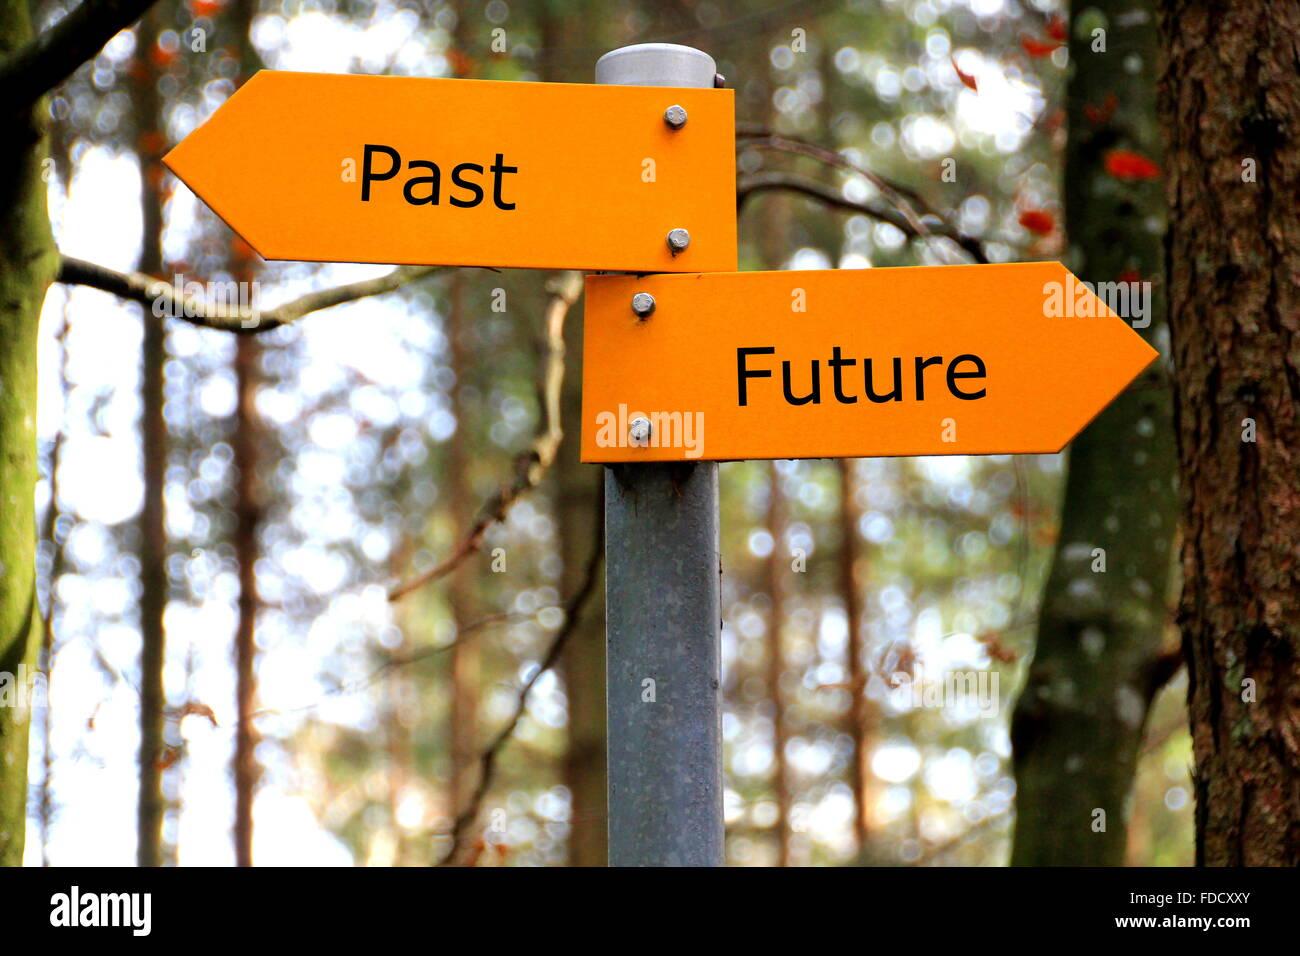 Vergangenheit und Zukunft geschrieben auf einem gelben Wegweiser Stockbild